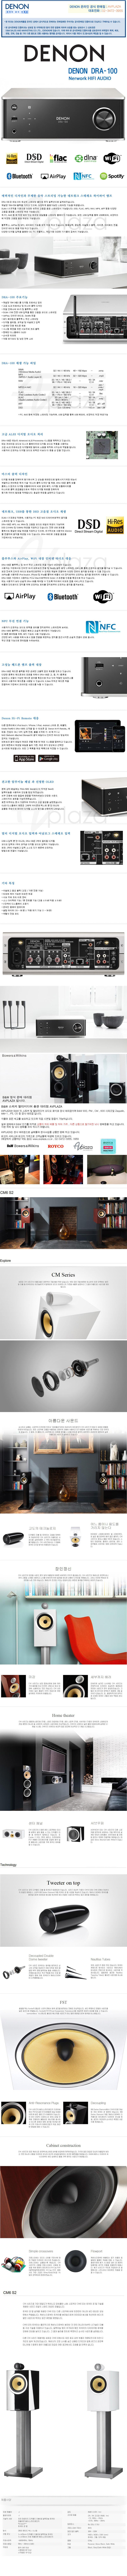 데논+cm6s2-1.jpg